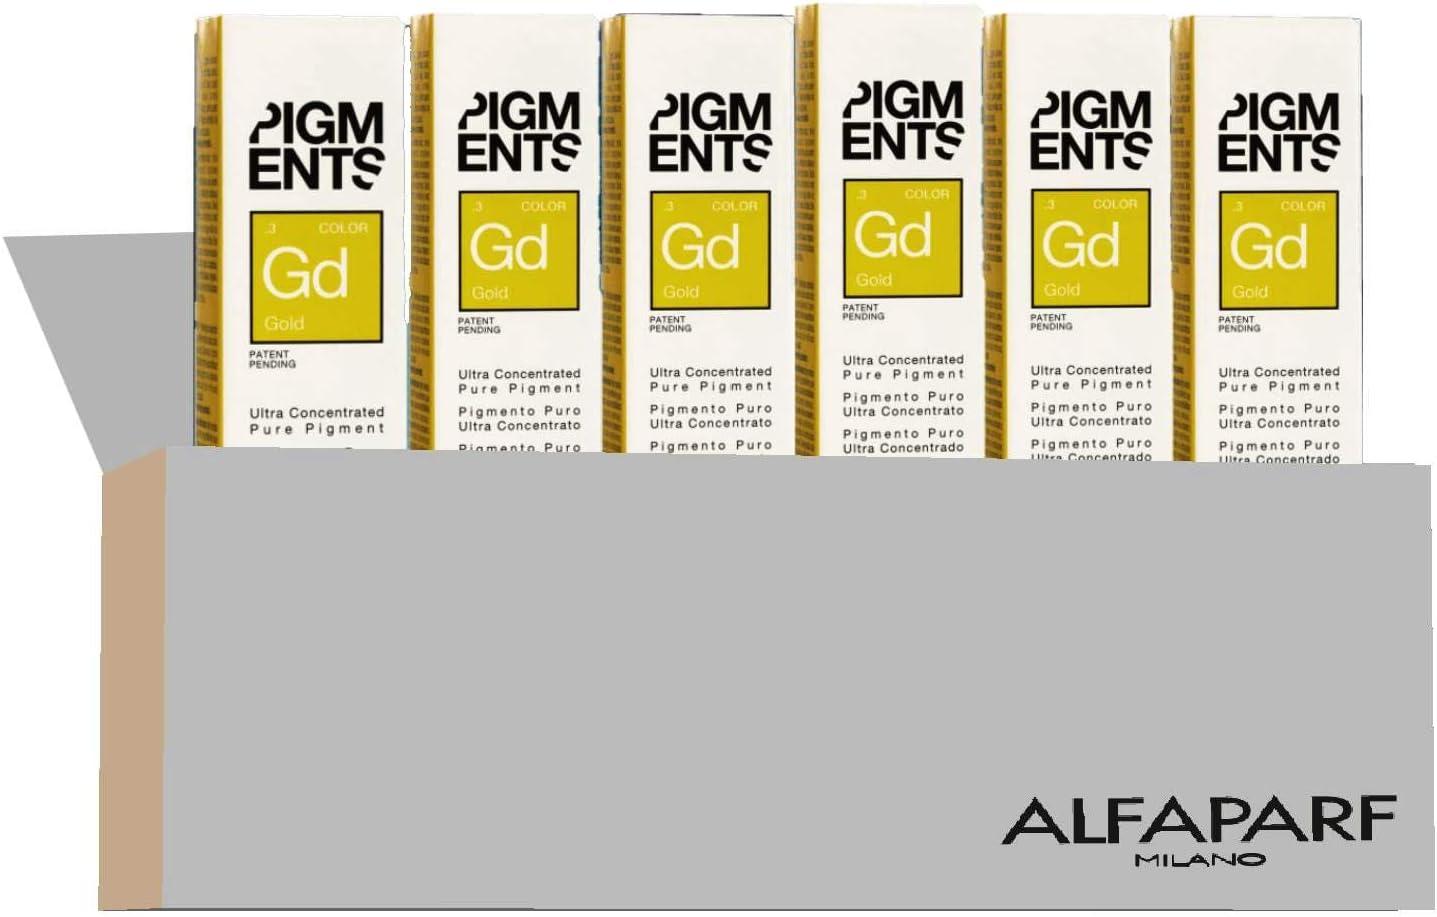 ALFAPARF Alfaparf Pigments Gold 6X8Ml 350 g: Amazon.es: Belleza